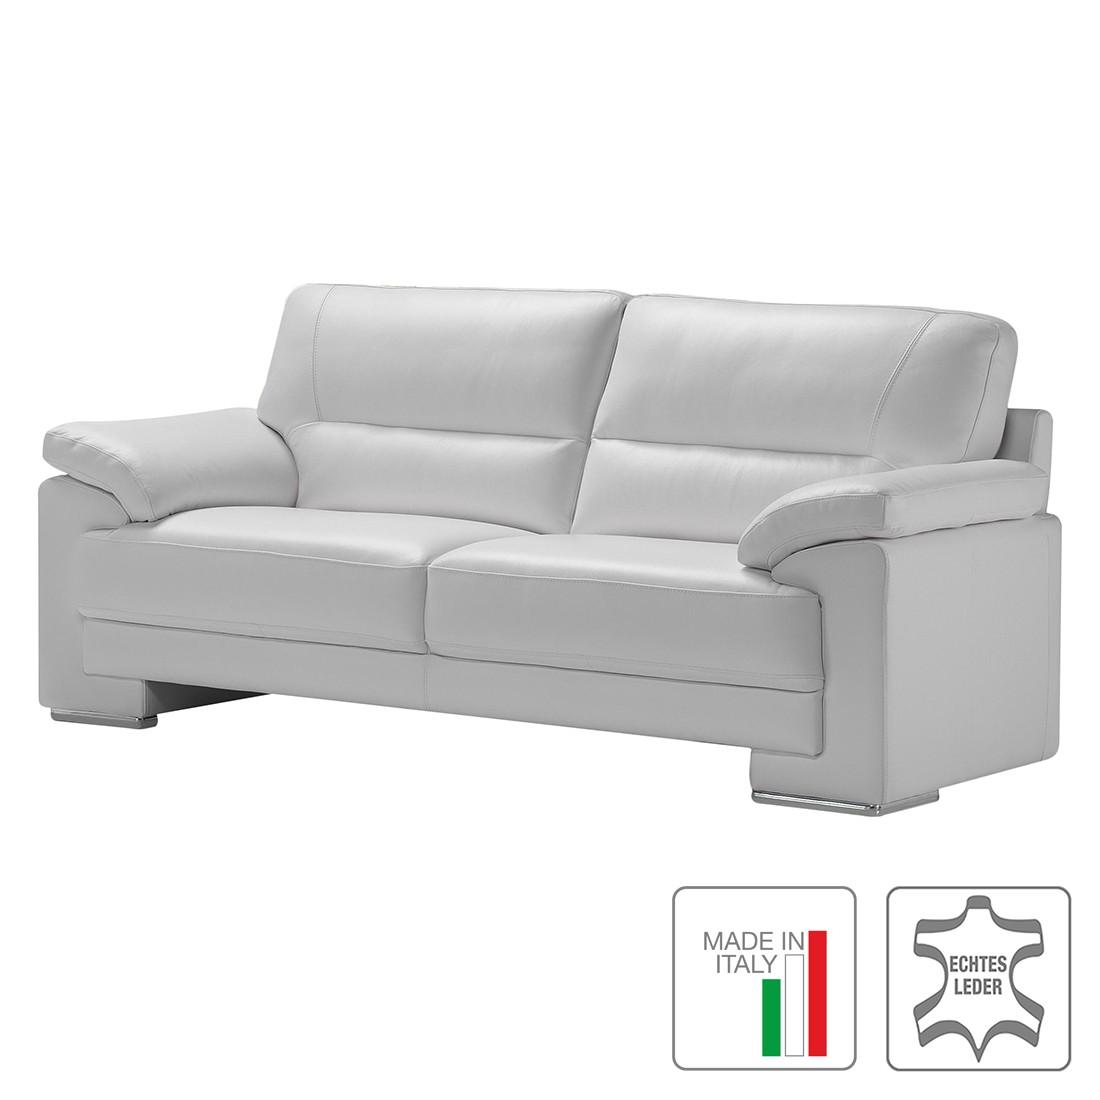 Sofa Alba (2,5-Sitzer) – Echtleder – Weiß, Trend Italiano günstig